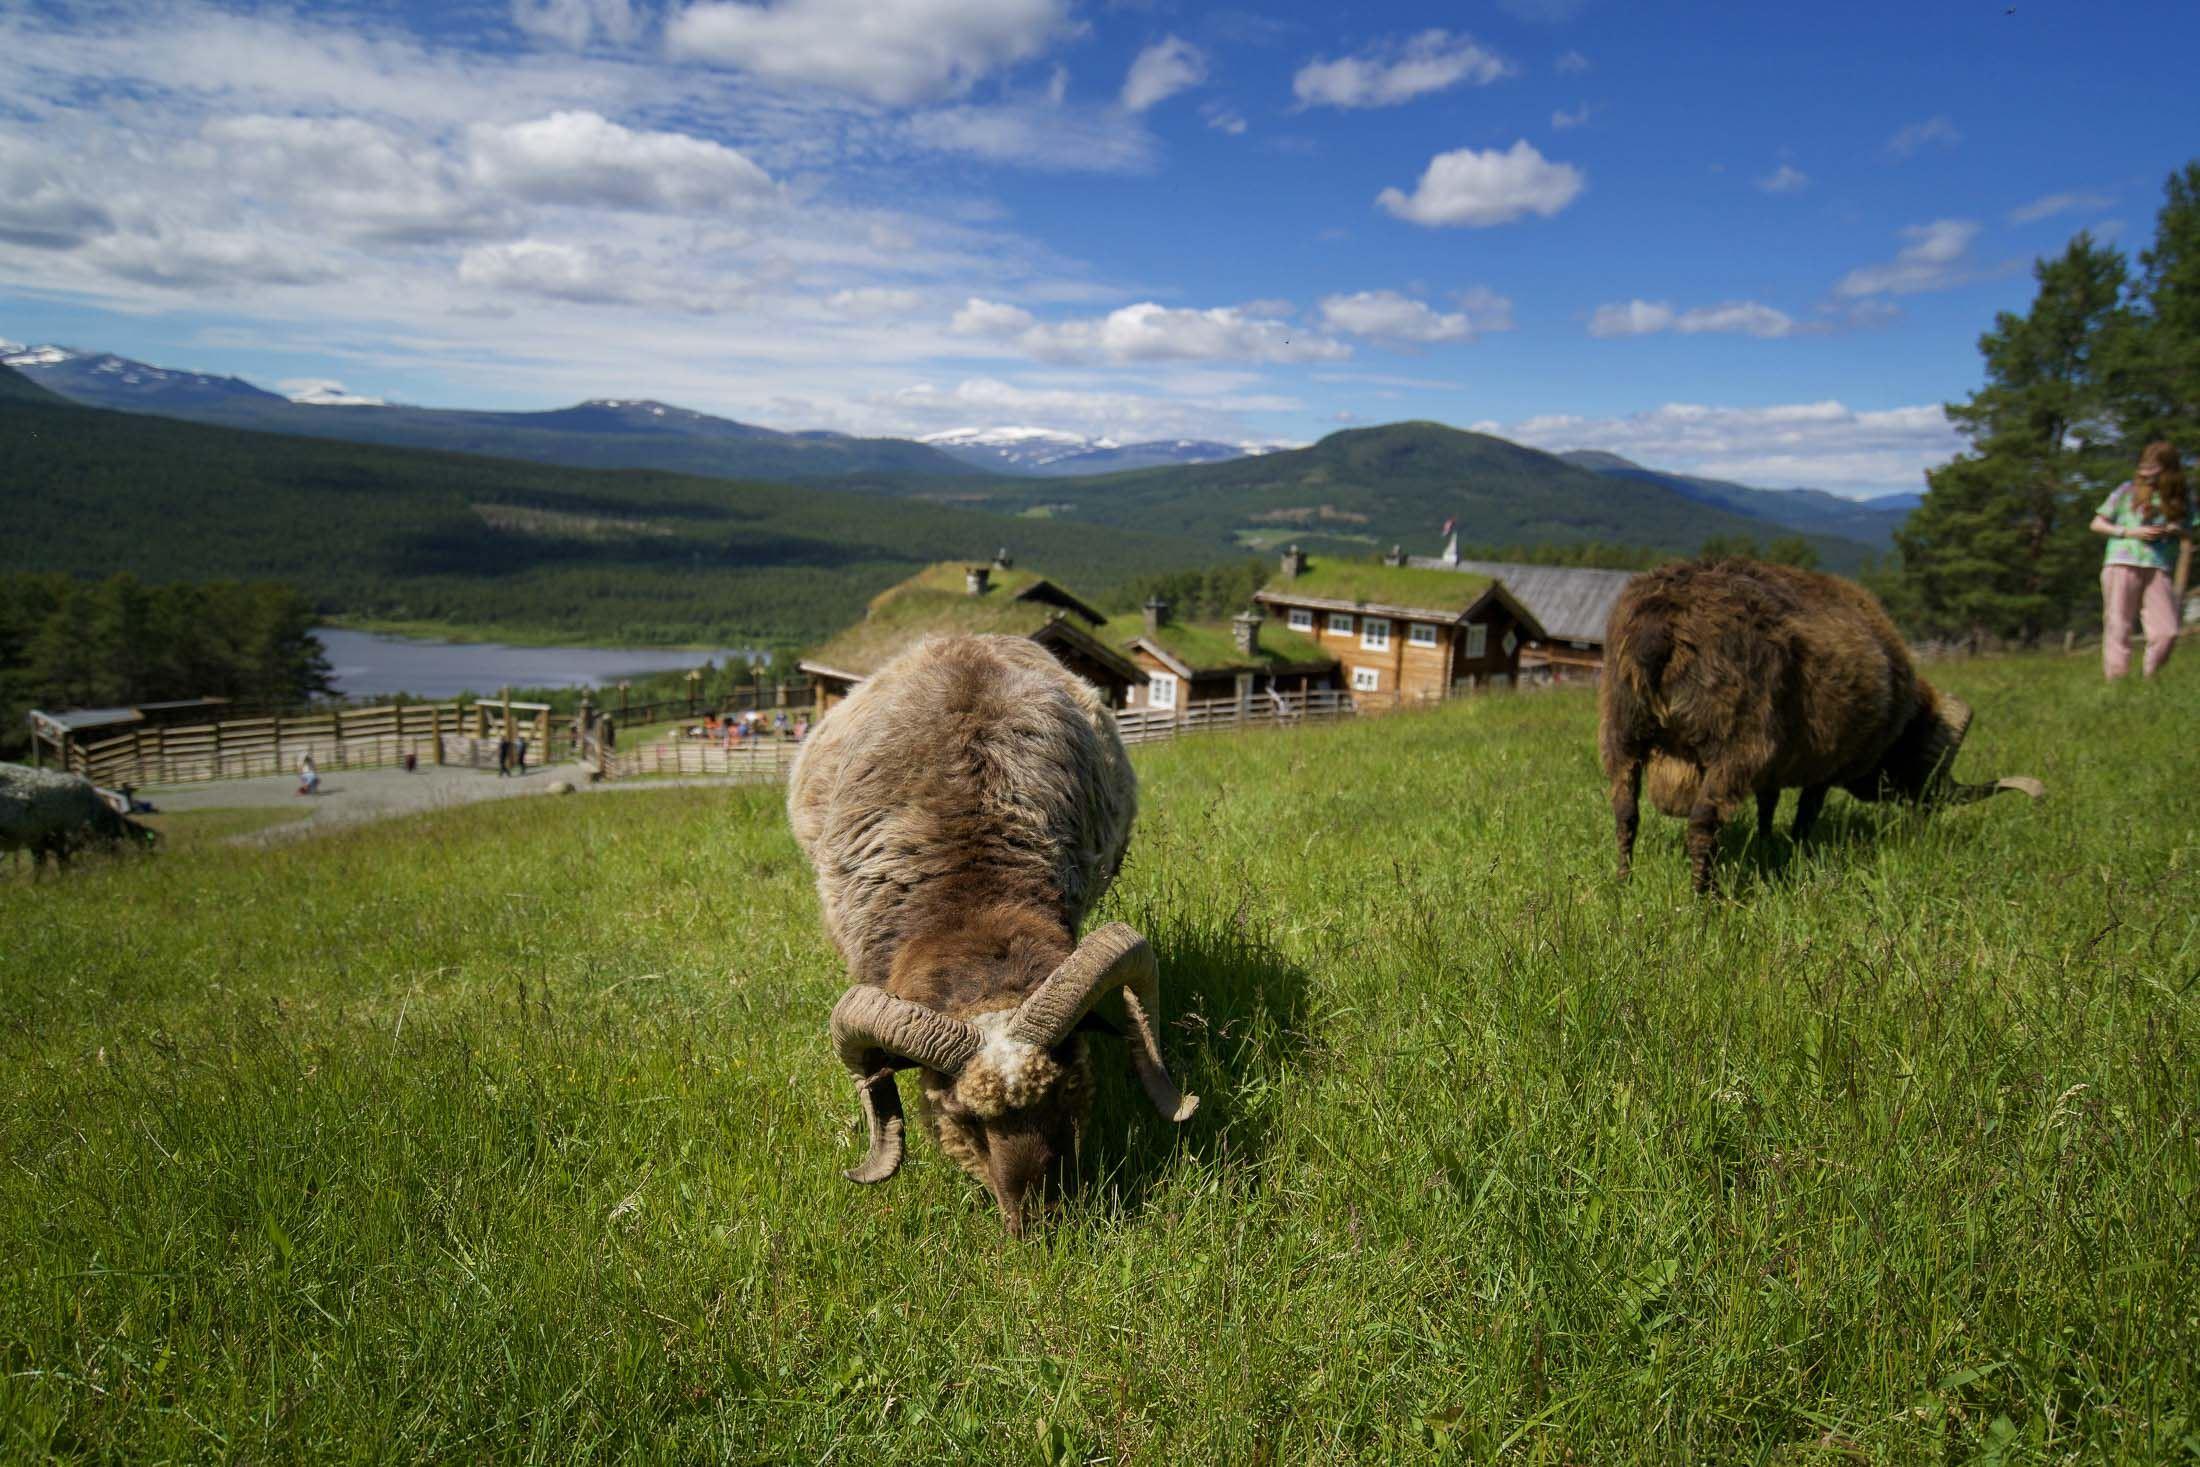 Foto: Erland Husom / Nasjonalparkriket